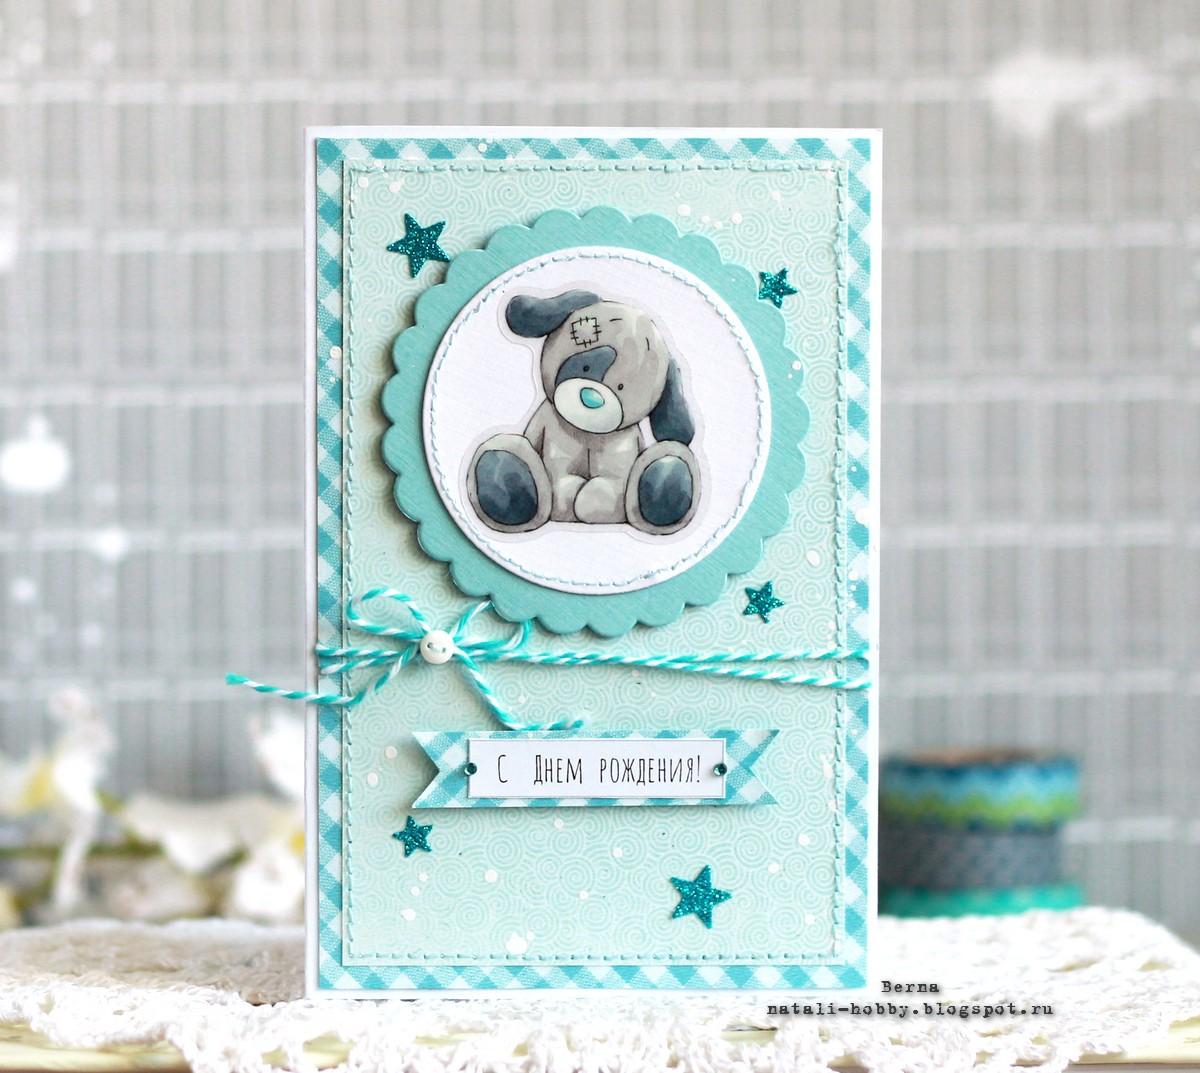 Открытка для девочки с днем рождения своими руками скрапбукинг